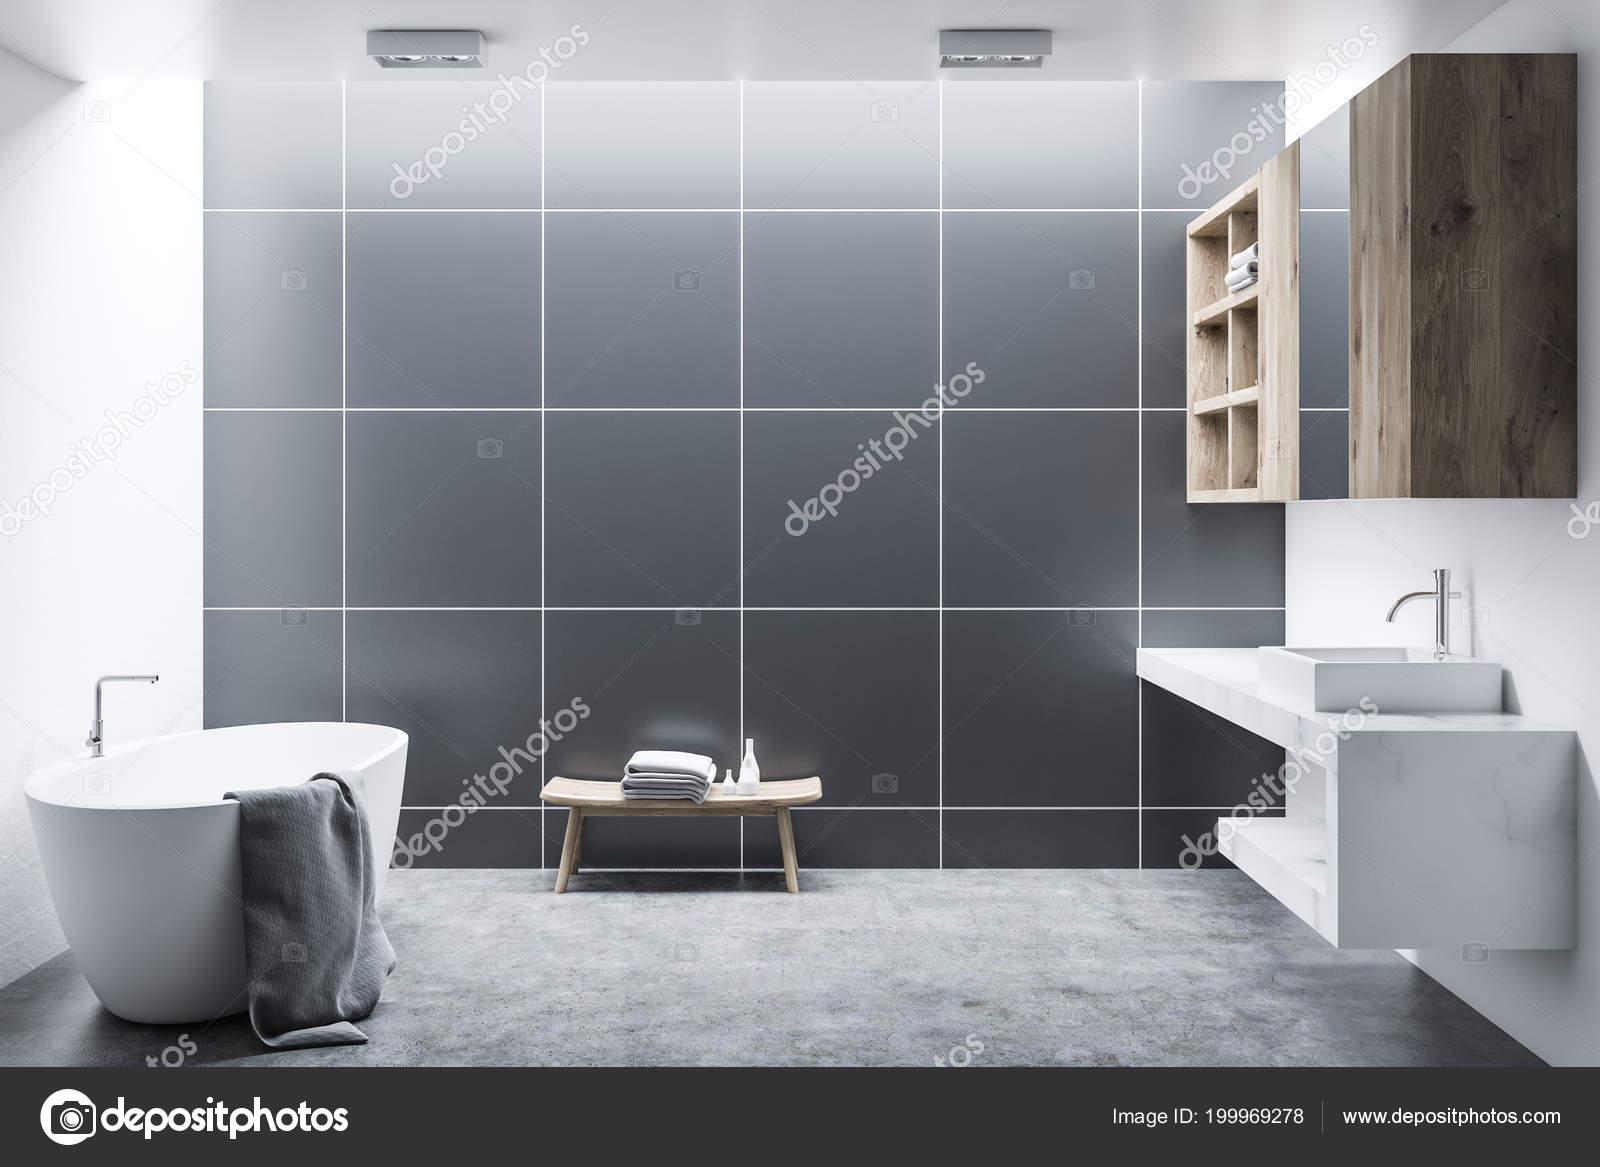 Zwarte tegel moderne badkamer interieur met houten kasten een